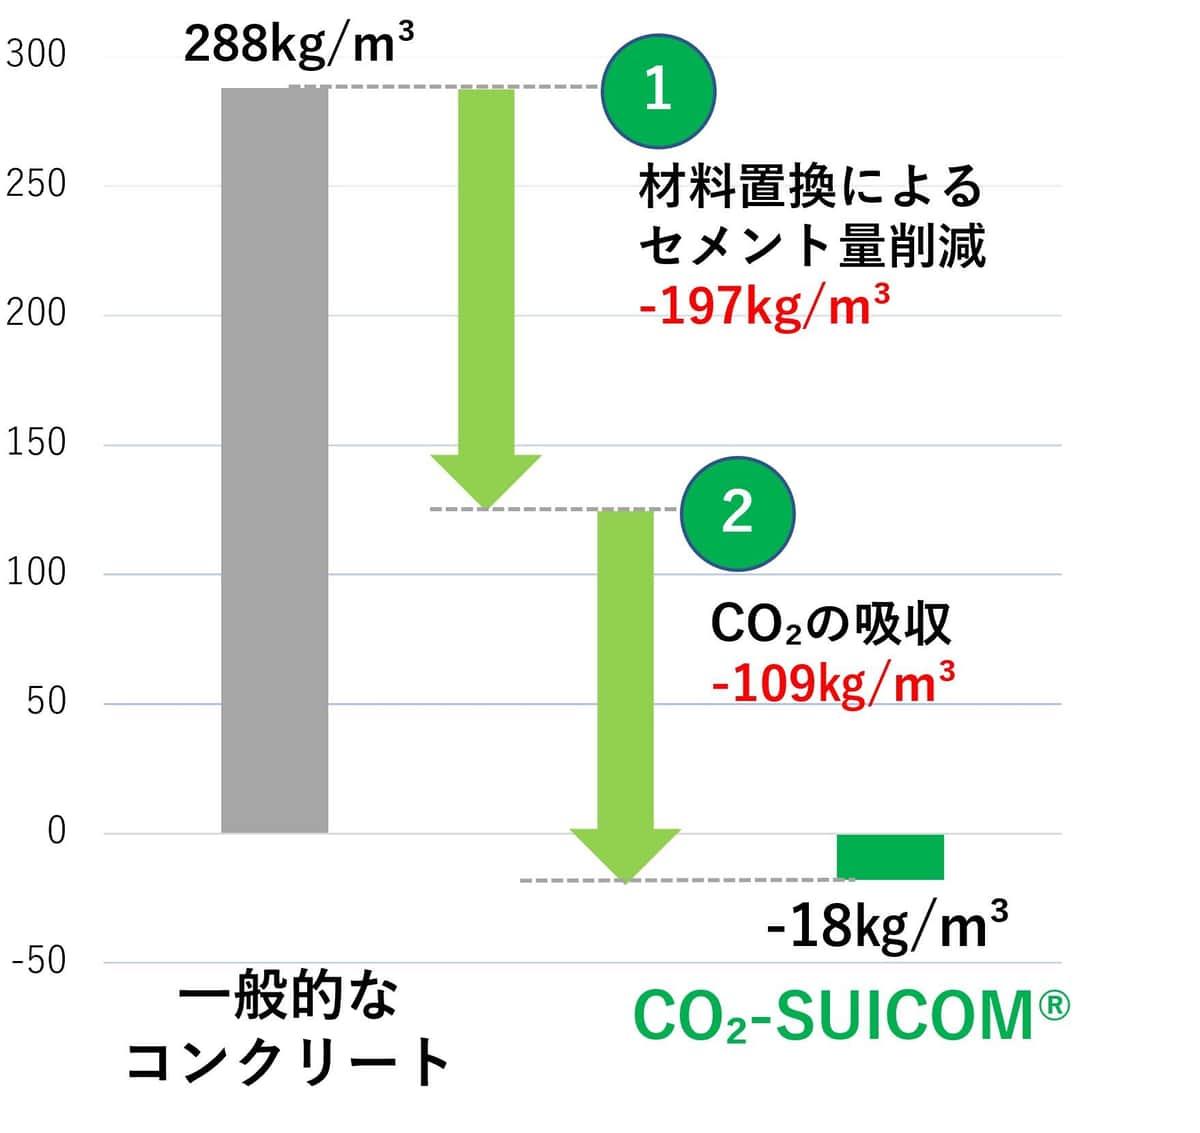 一般的なコンクリートと「CO2-SUICOM」のCO2排出量の比較